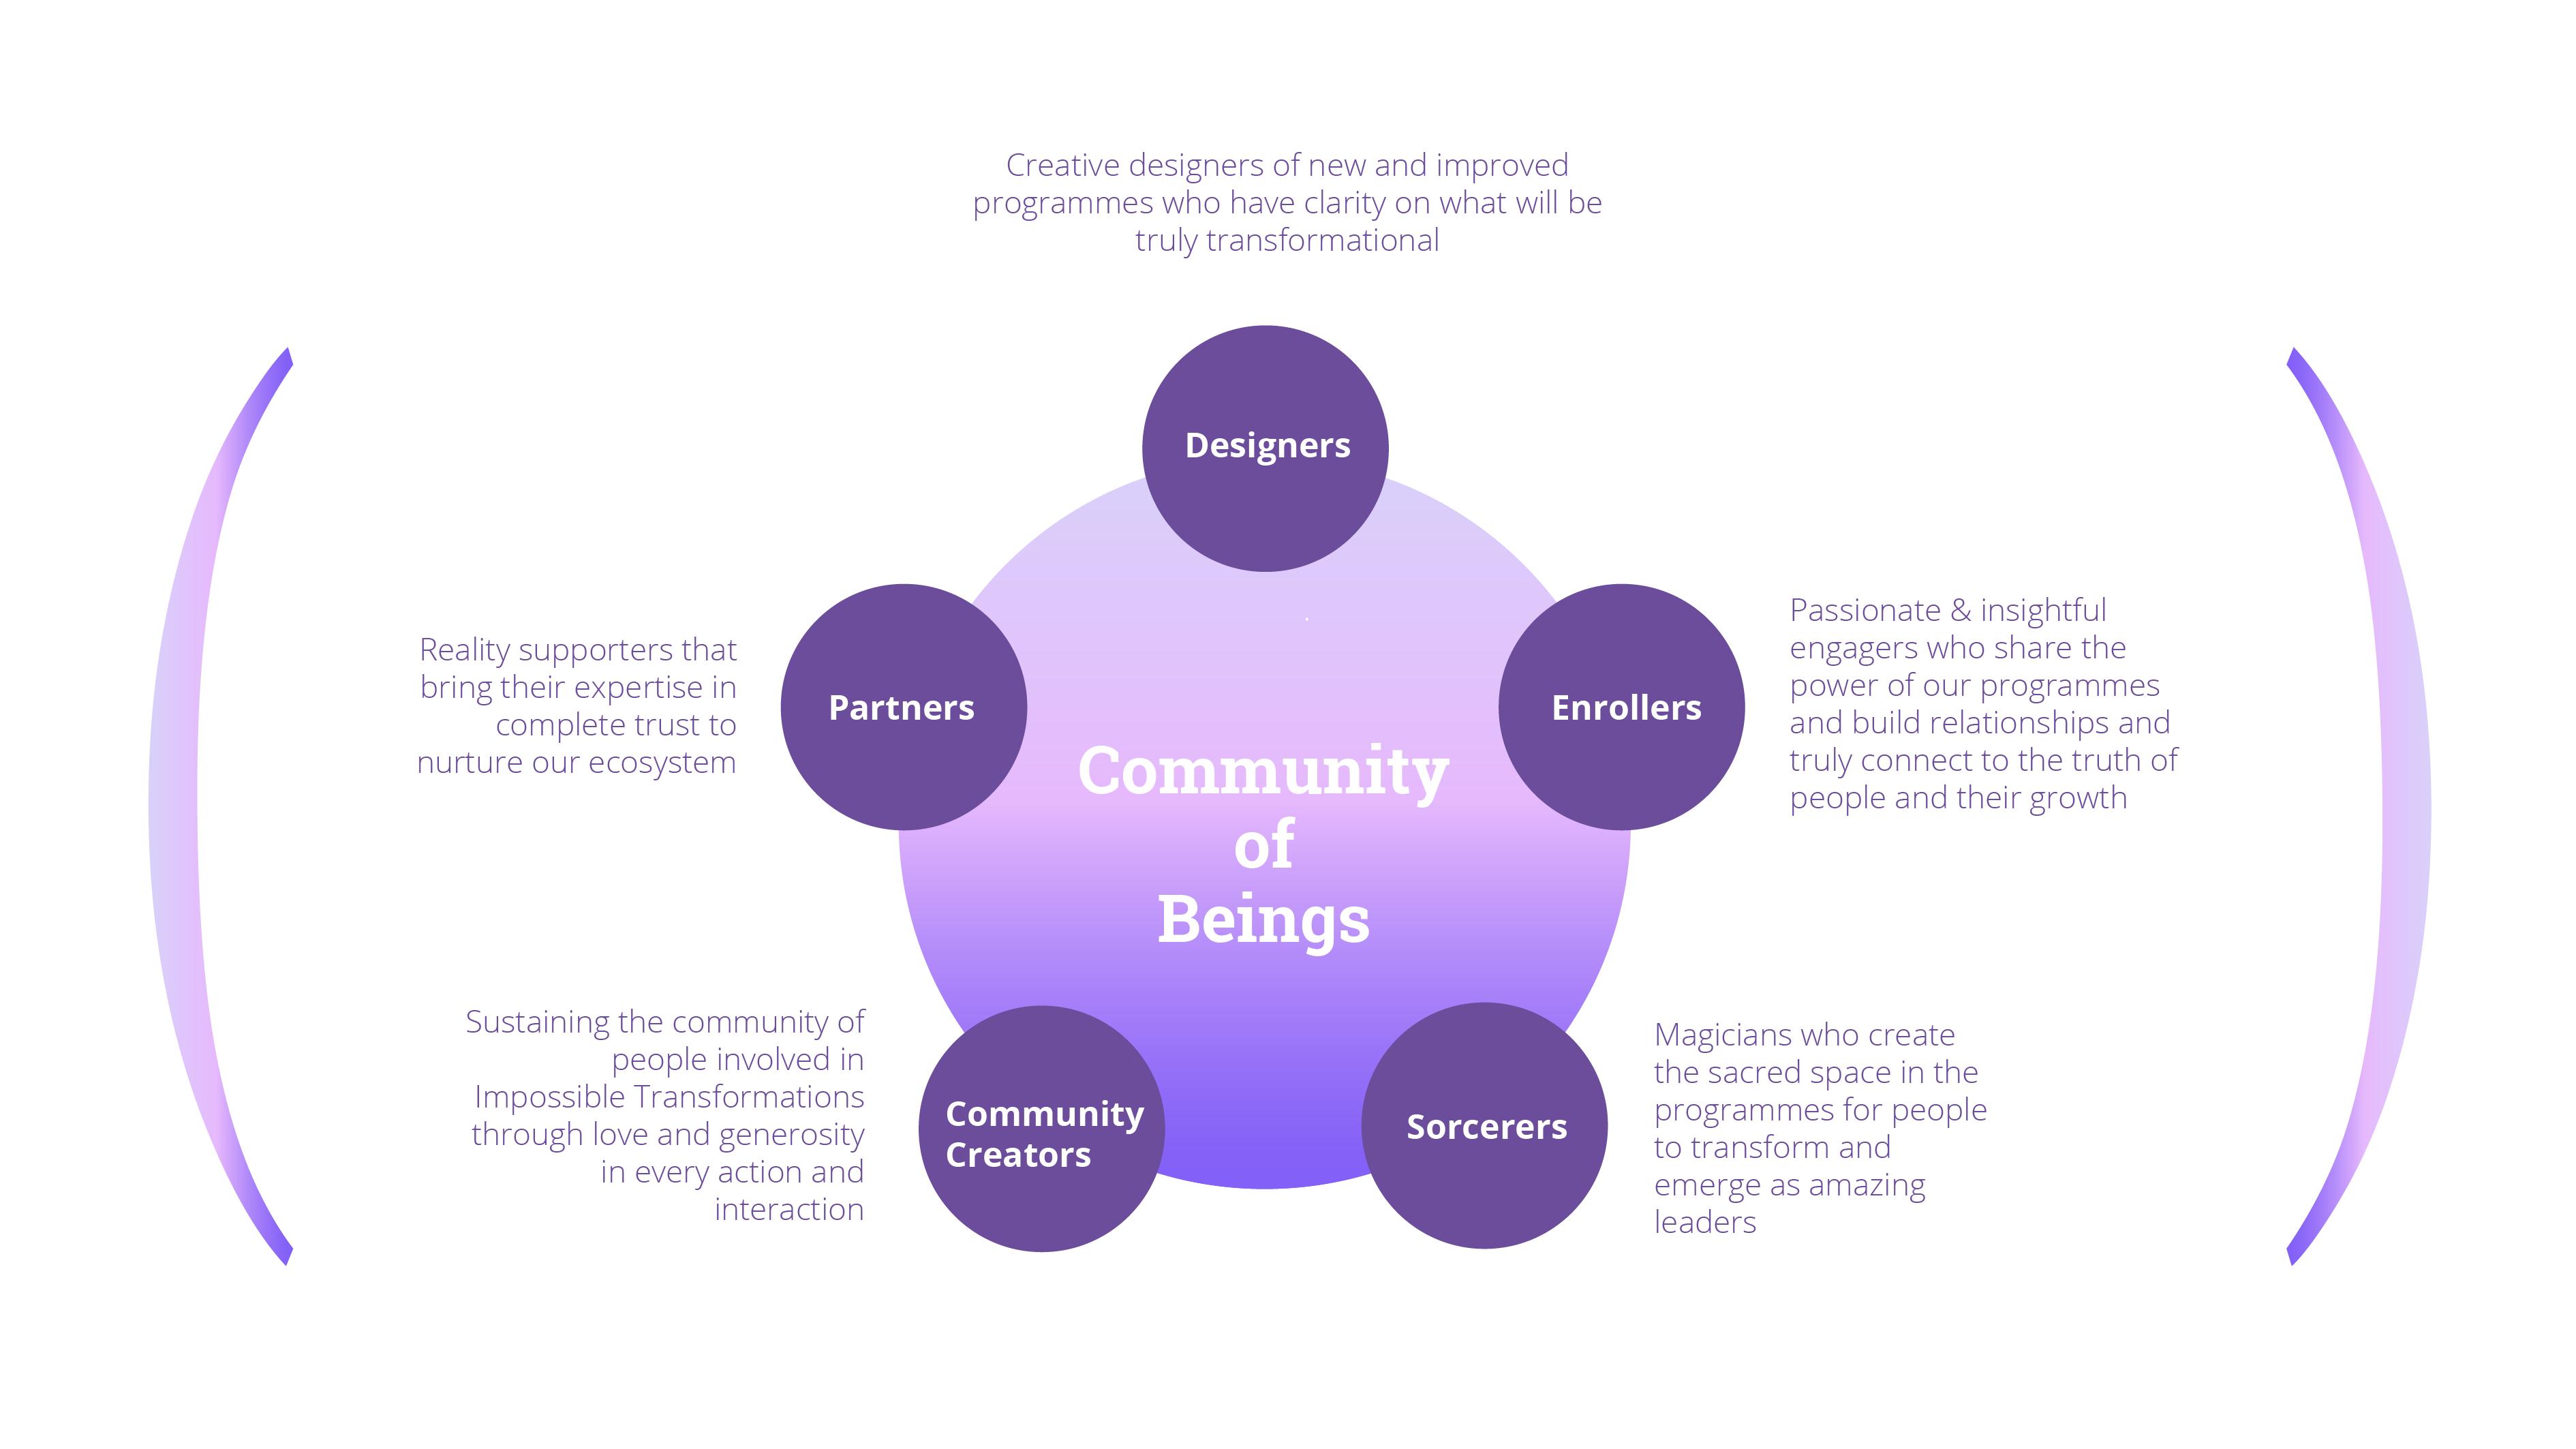 Community of Beings